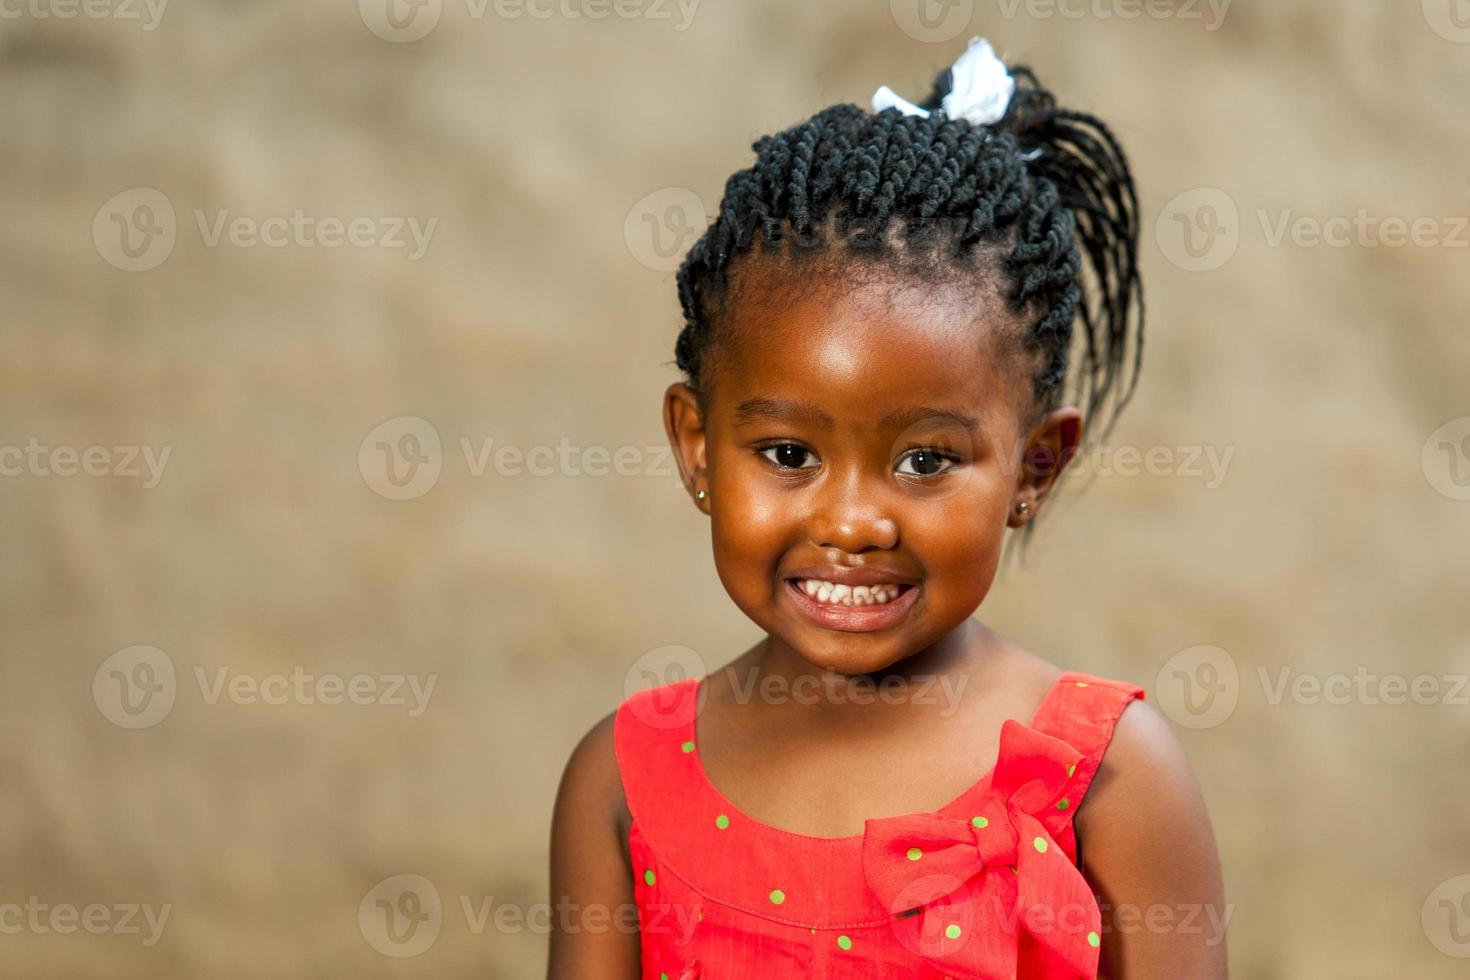 Niña africana con peinado trenzado. foto